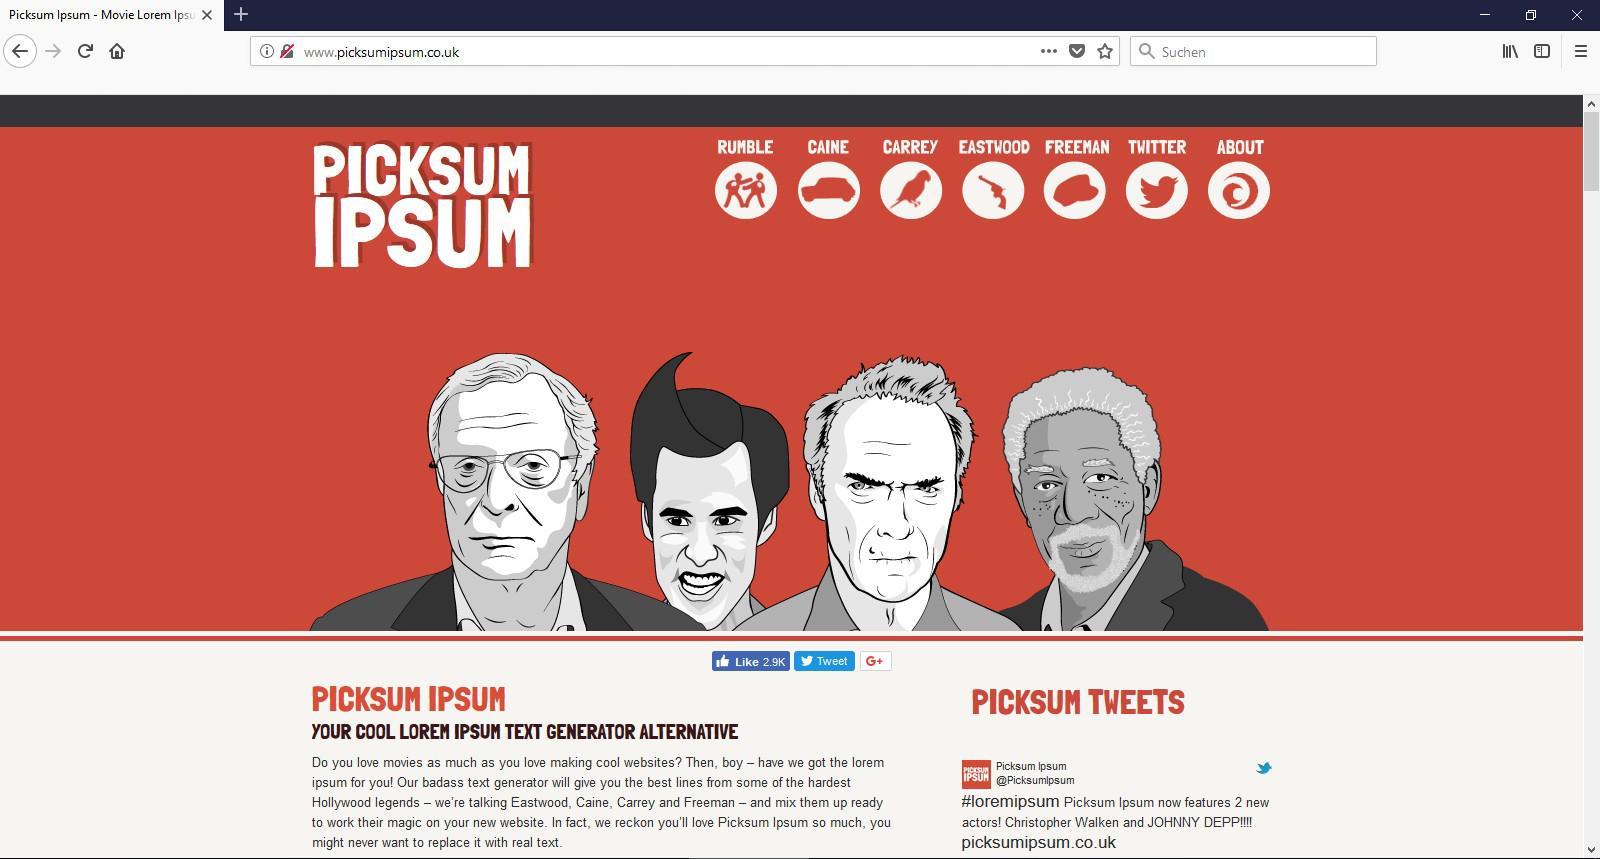 Für echte Schauspielfans gibt es natürlich auch eine optimale Ipsum Alternative: Das Picksum ipsum.